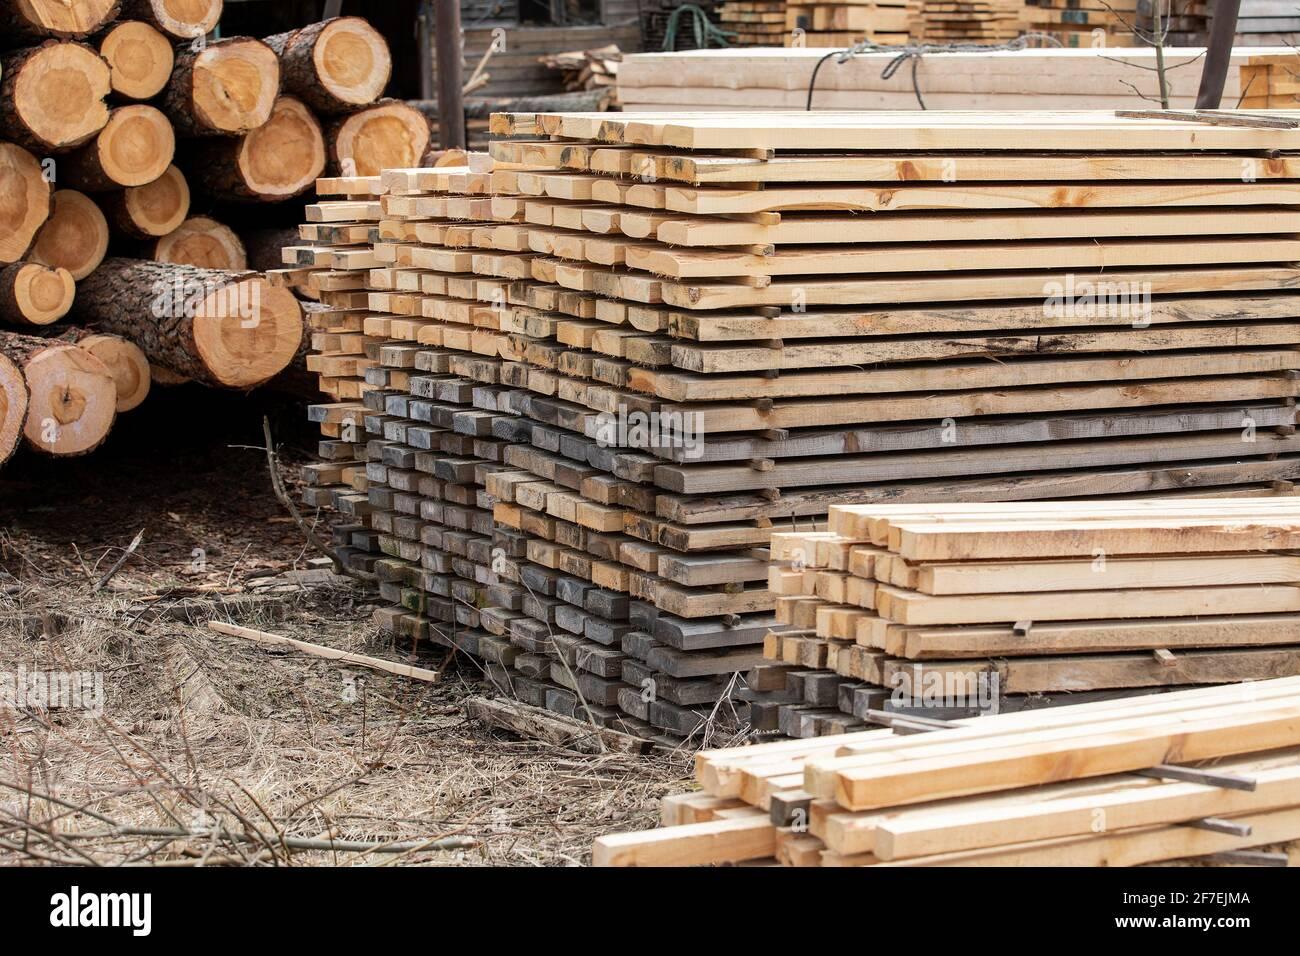 Tablas desovadas y apiladas. Producción, transporte y entrega de madera. Fábrica e Industria. Foto de stock